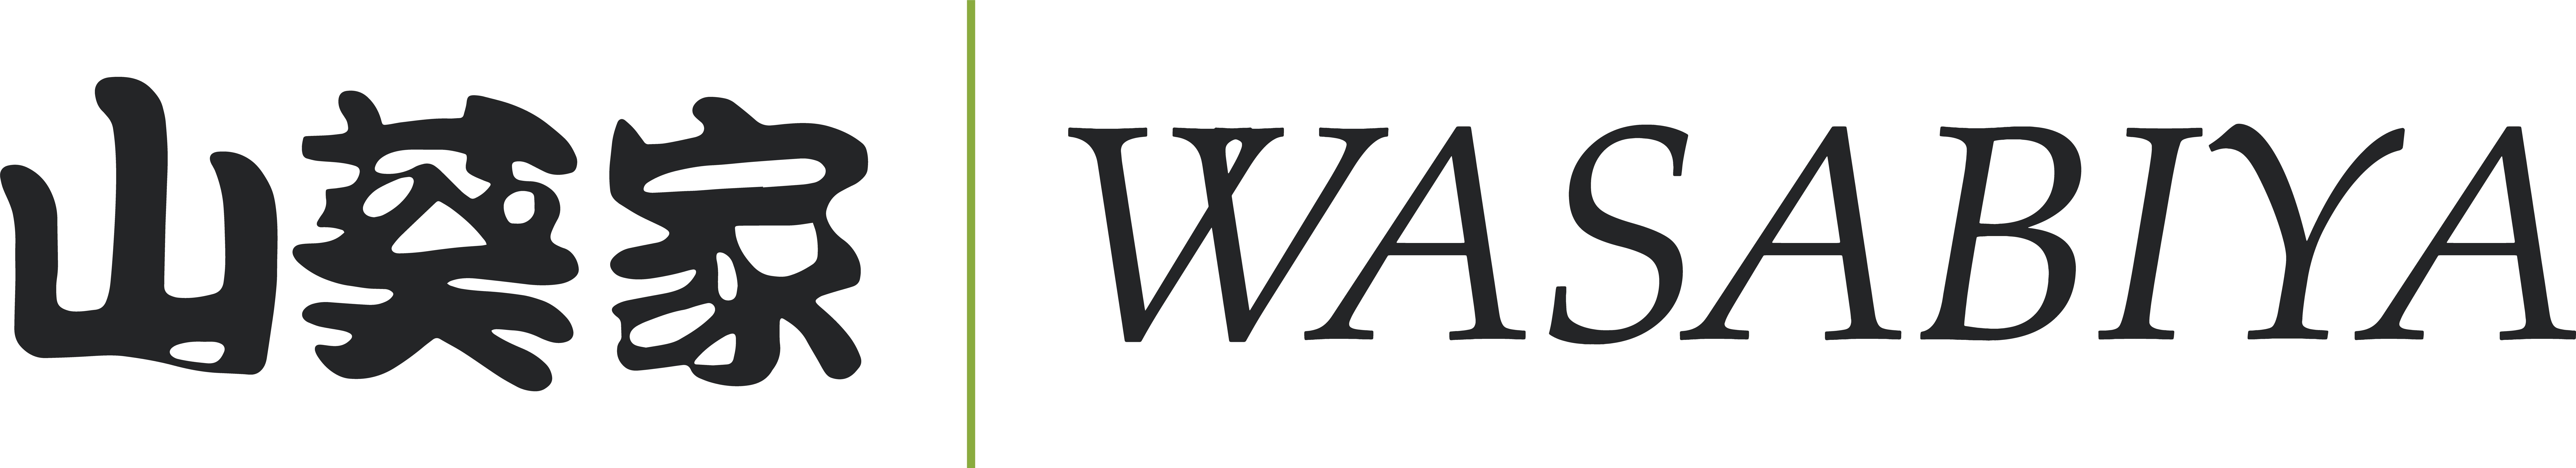 Wasabiya Logo